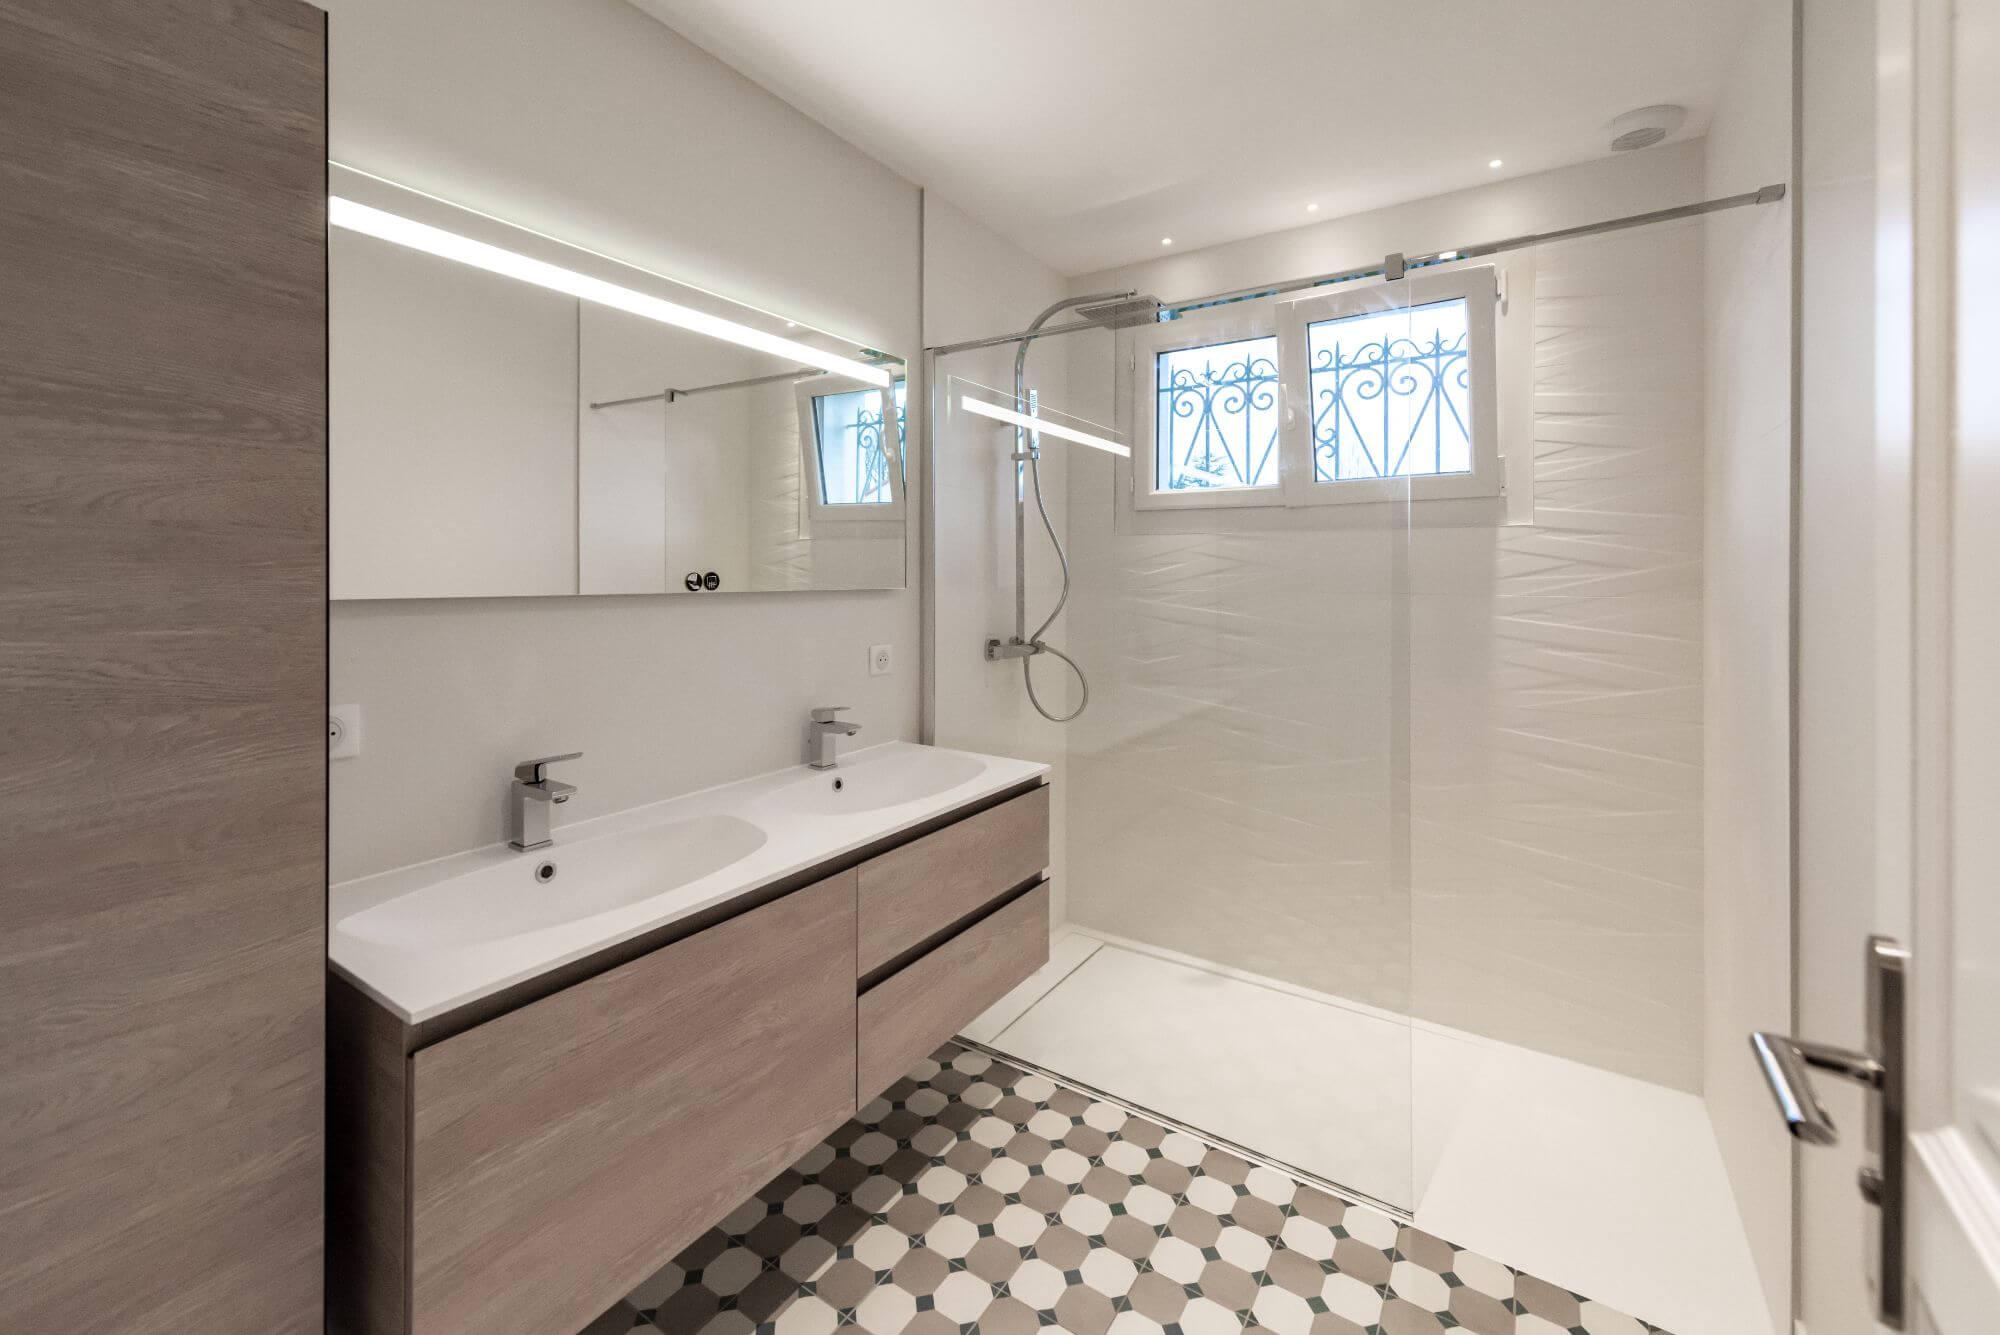 Qualite de materiaux dans la salle de bain